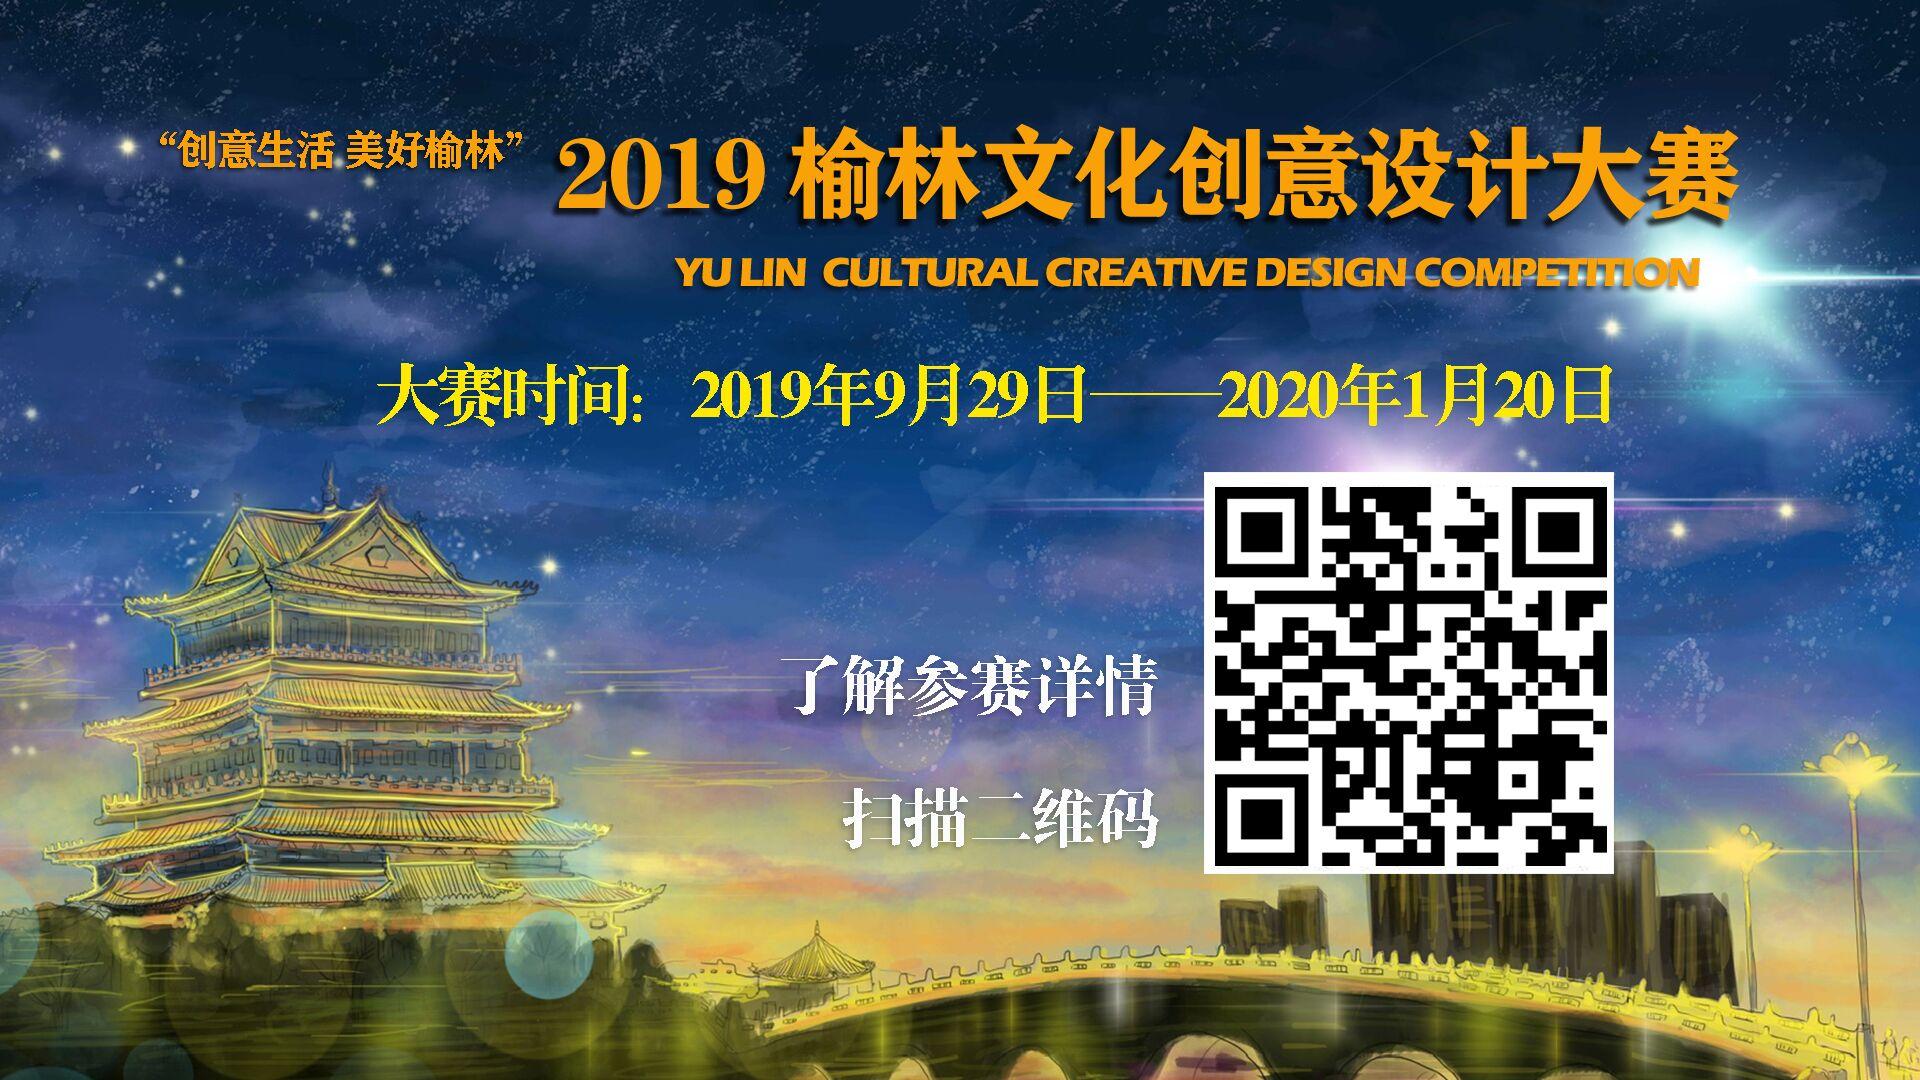 奖金40万!2019榆林文化创意设计大赛邀您参加!